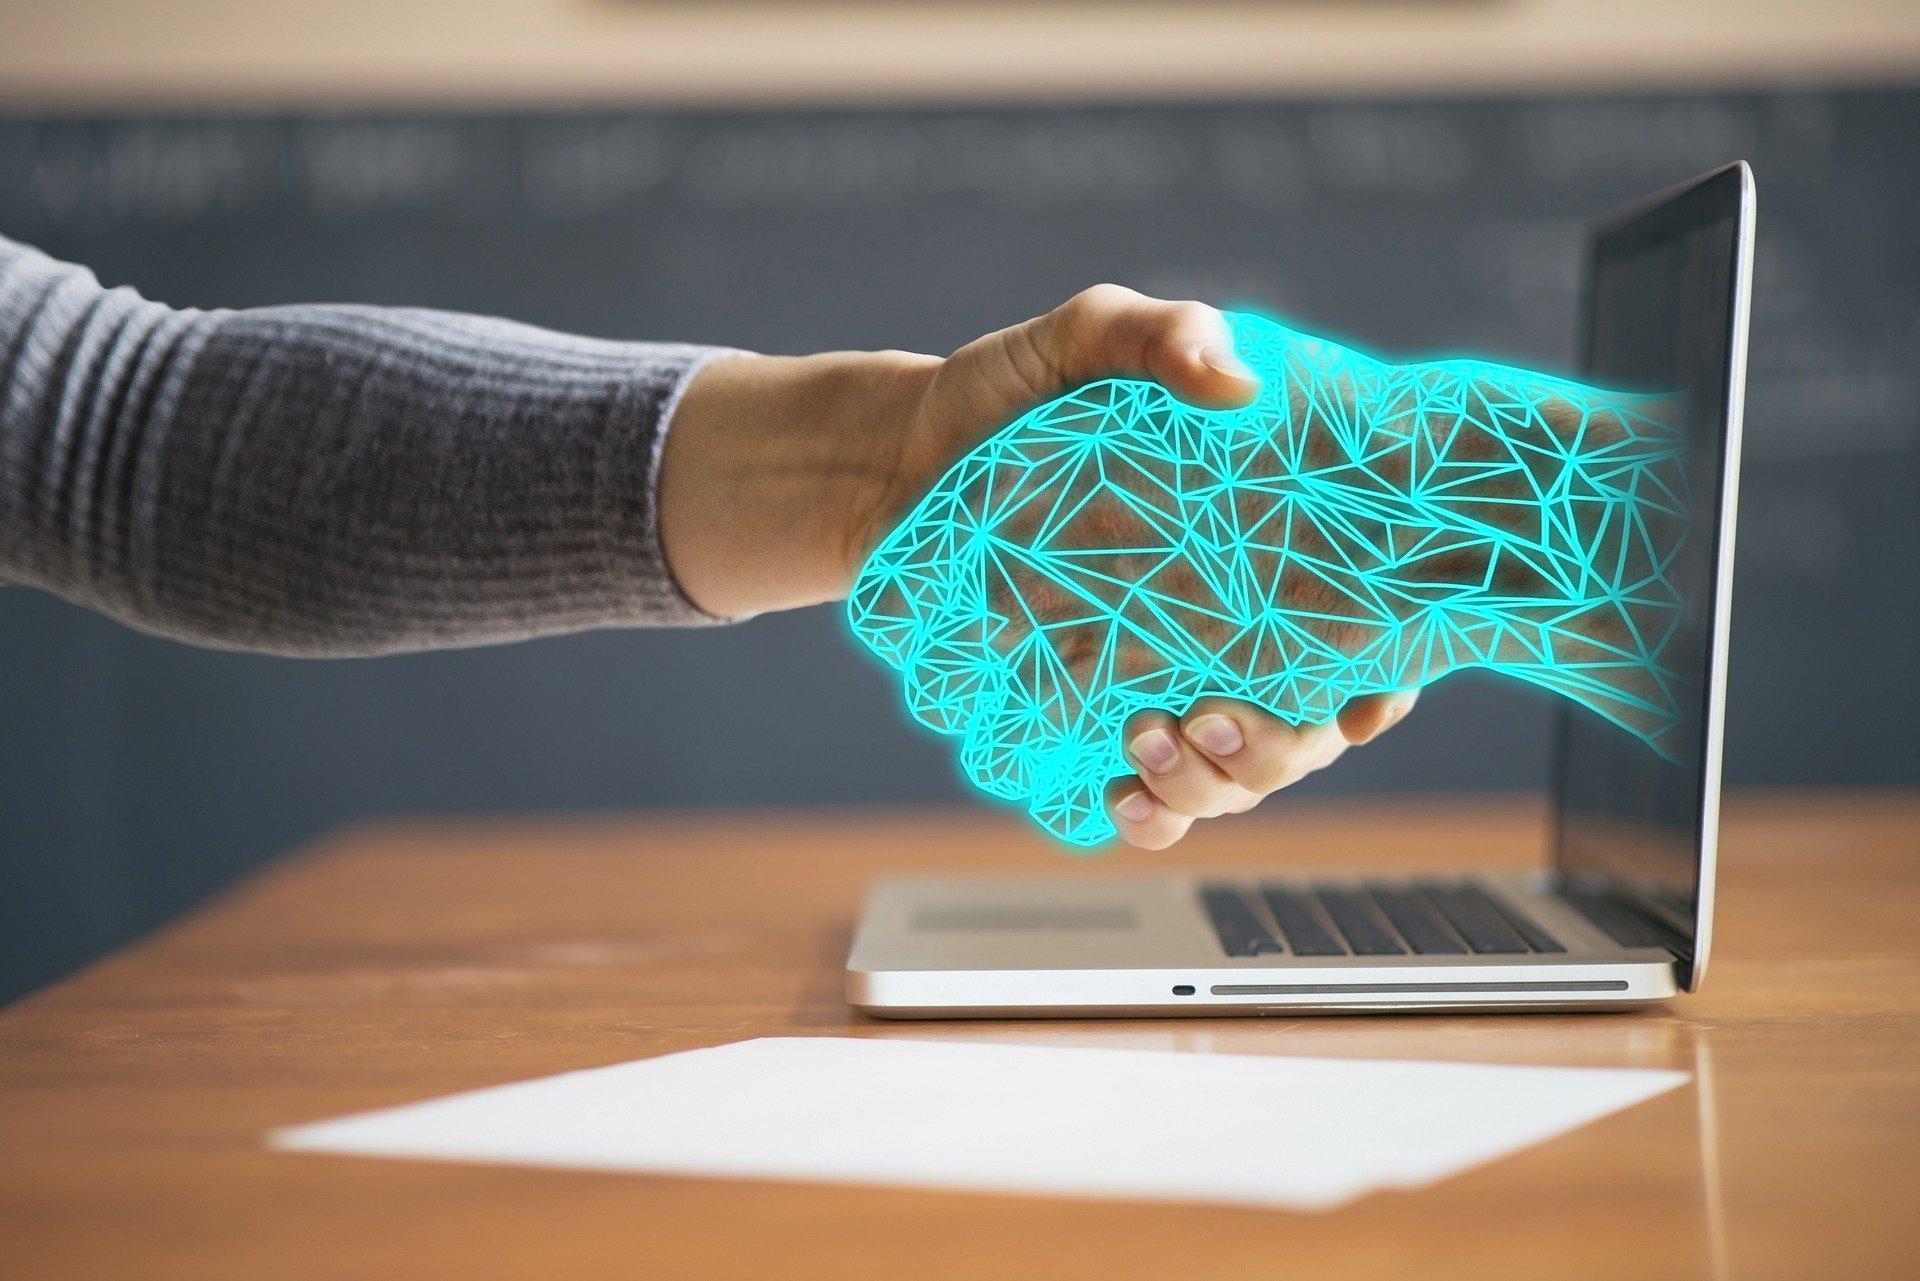 La robotisation, un effet ambigu sur l'industrie et l'emploi